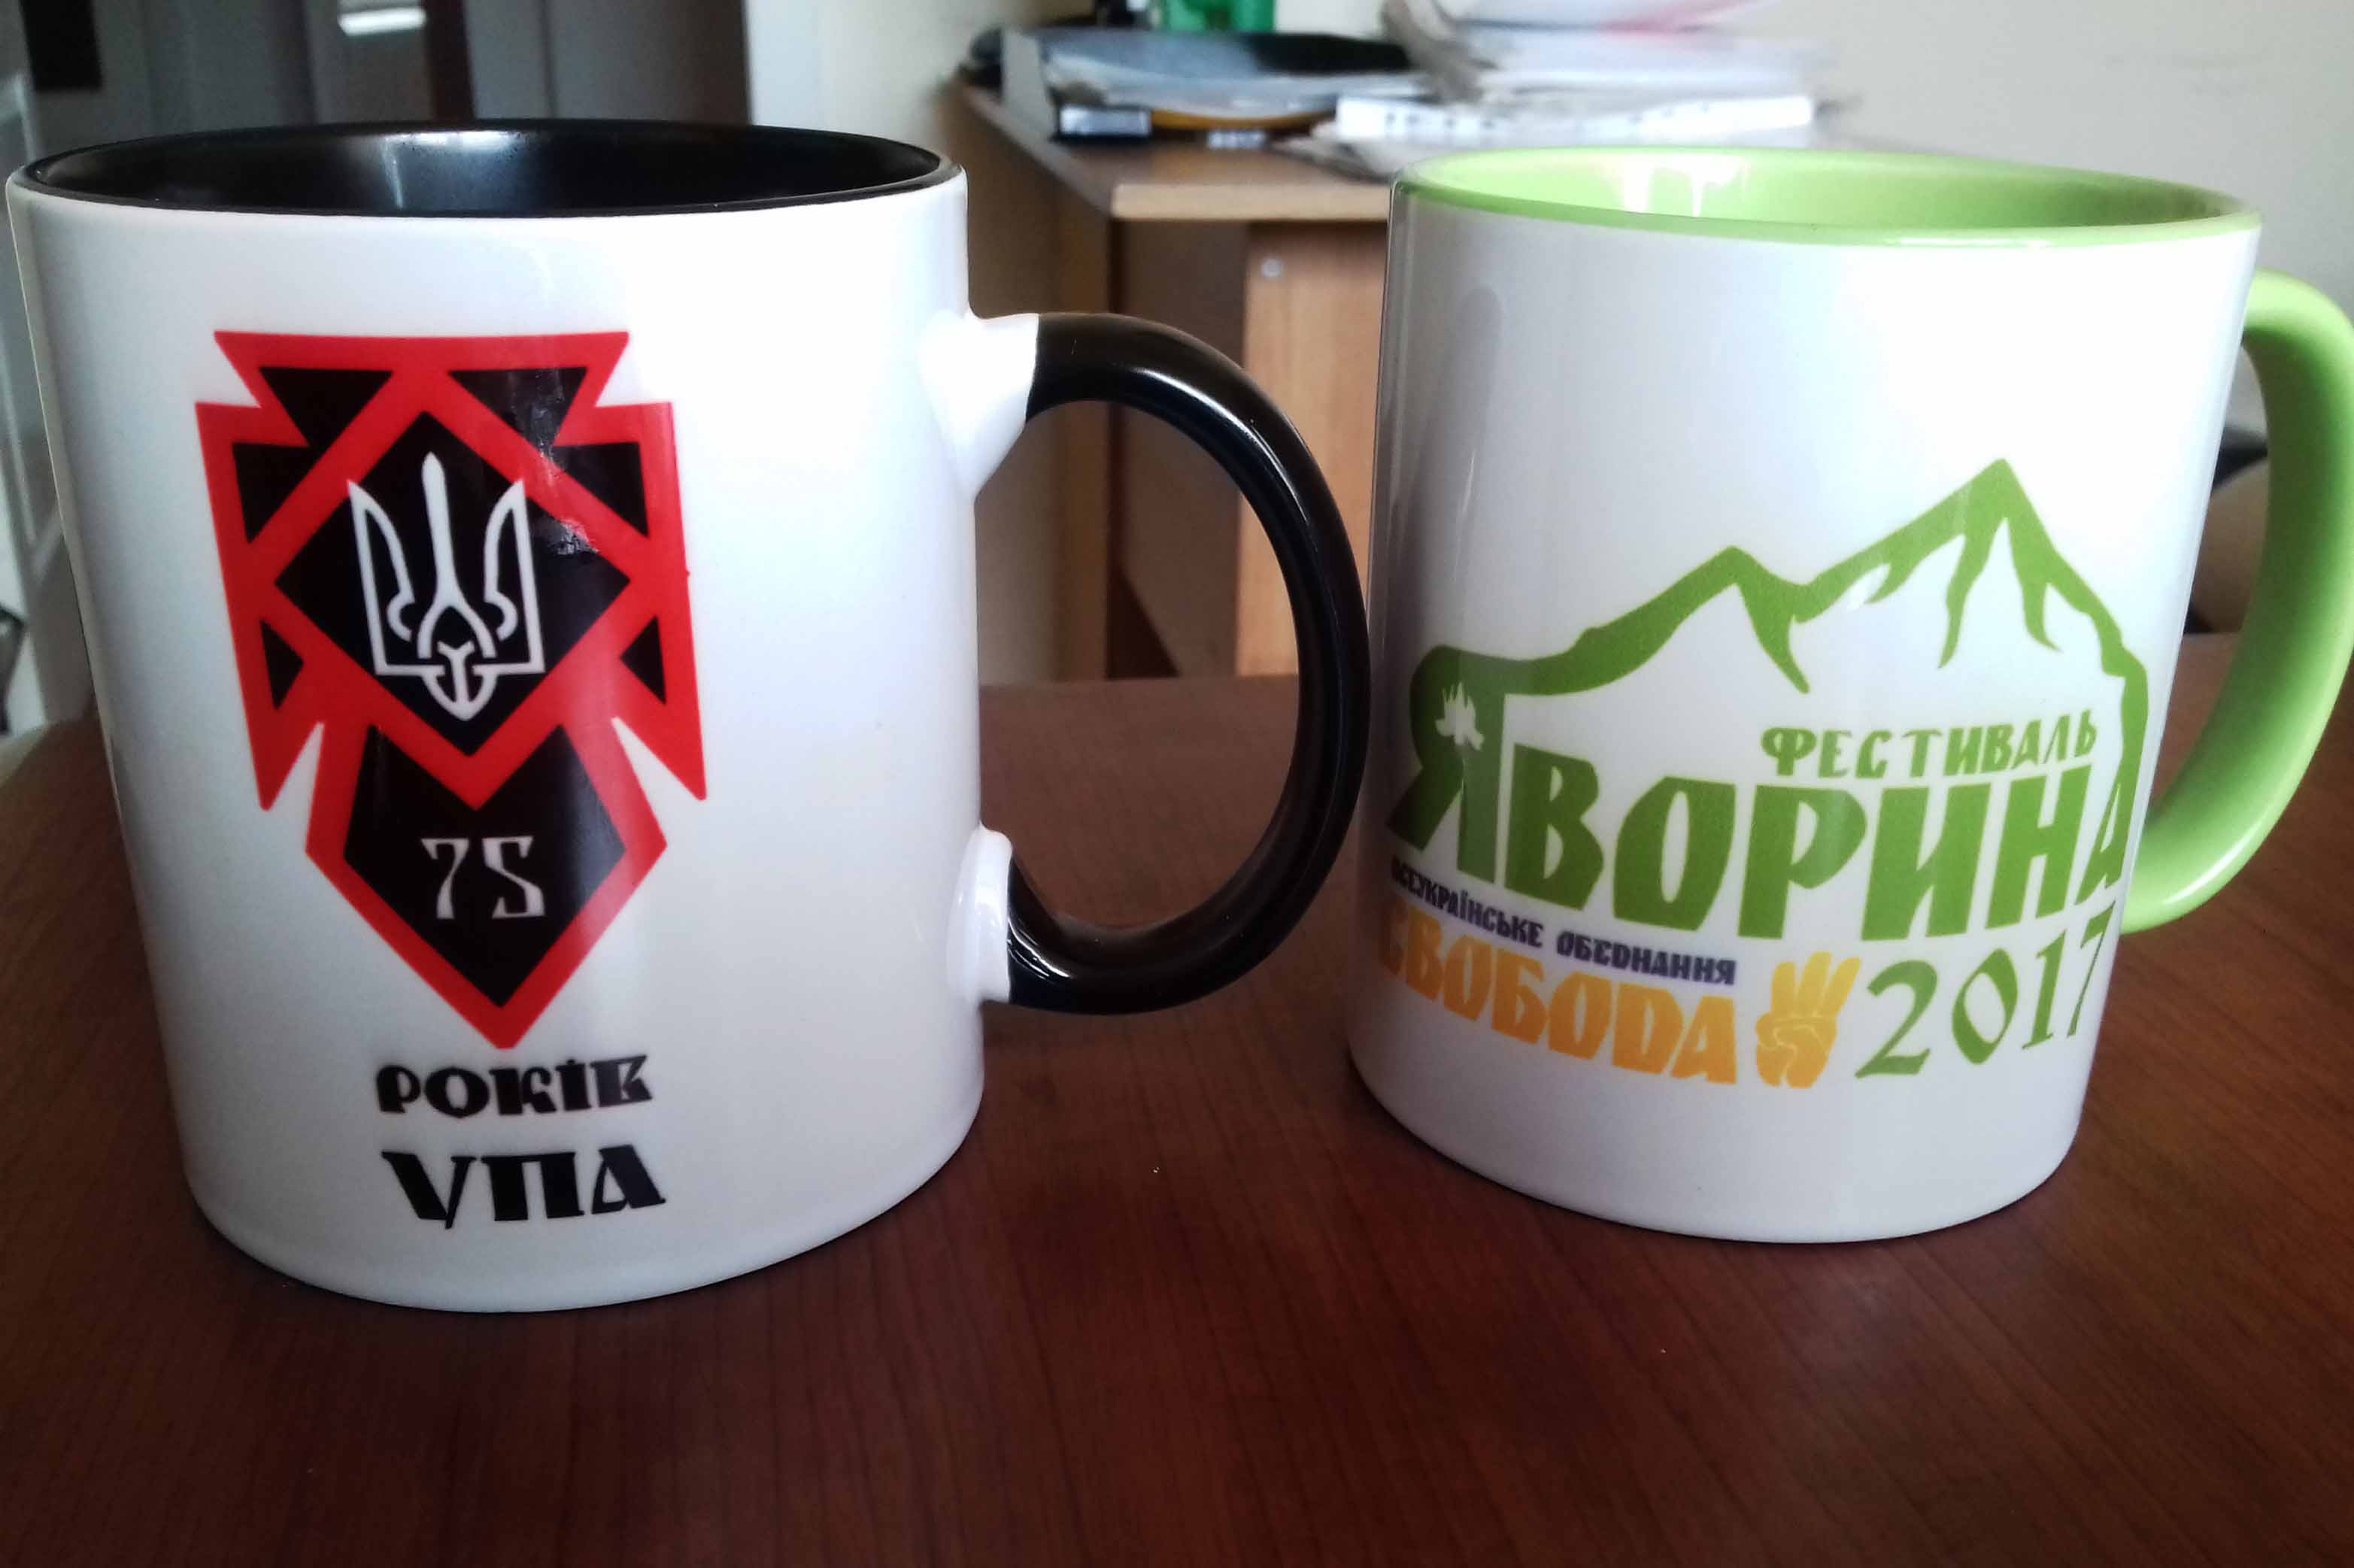 горнята фестиваль